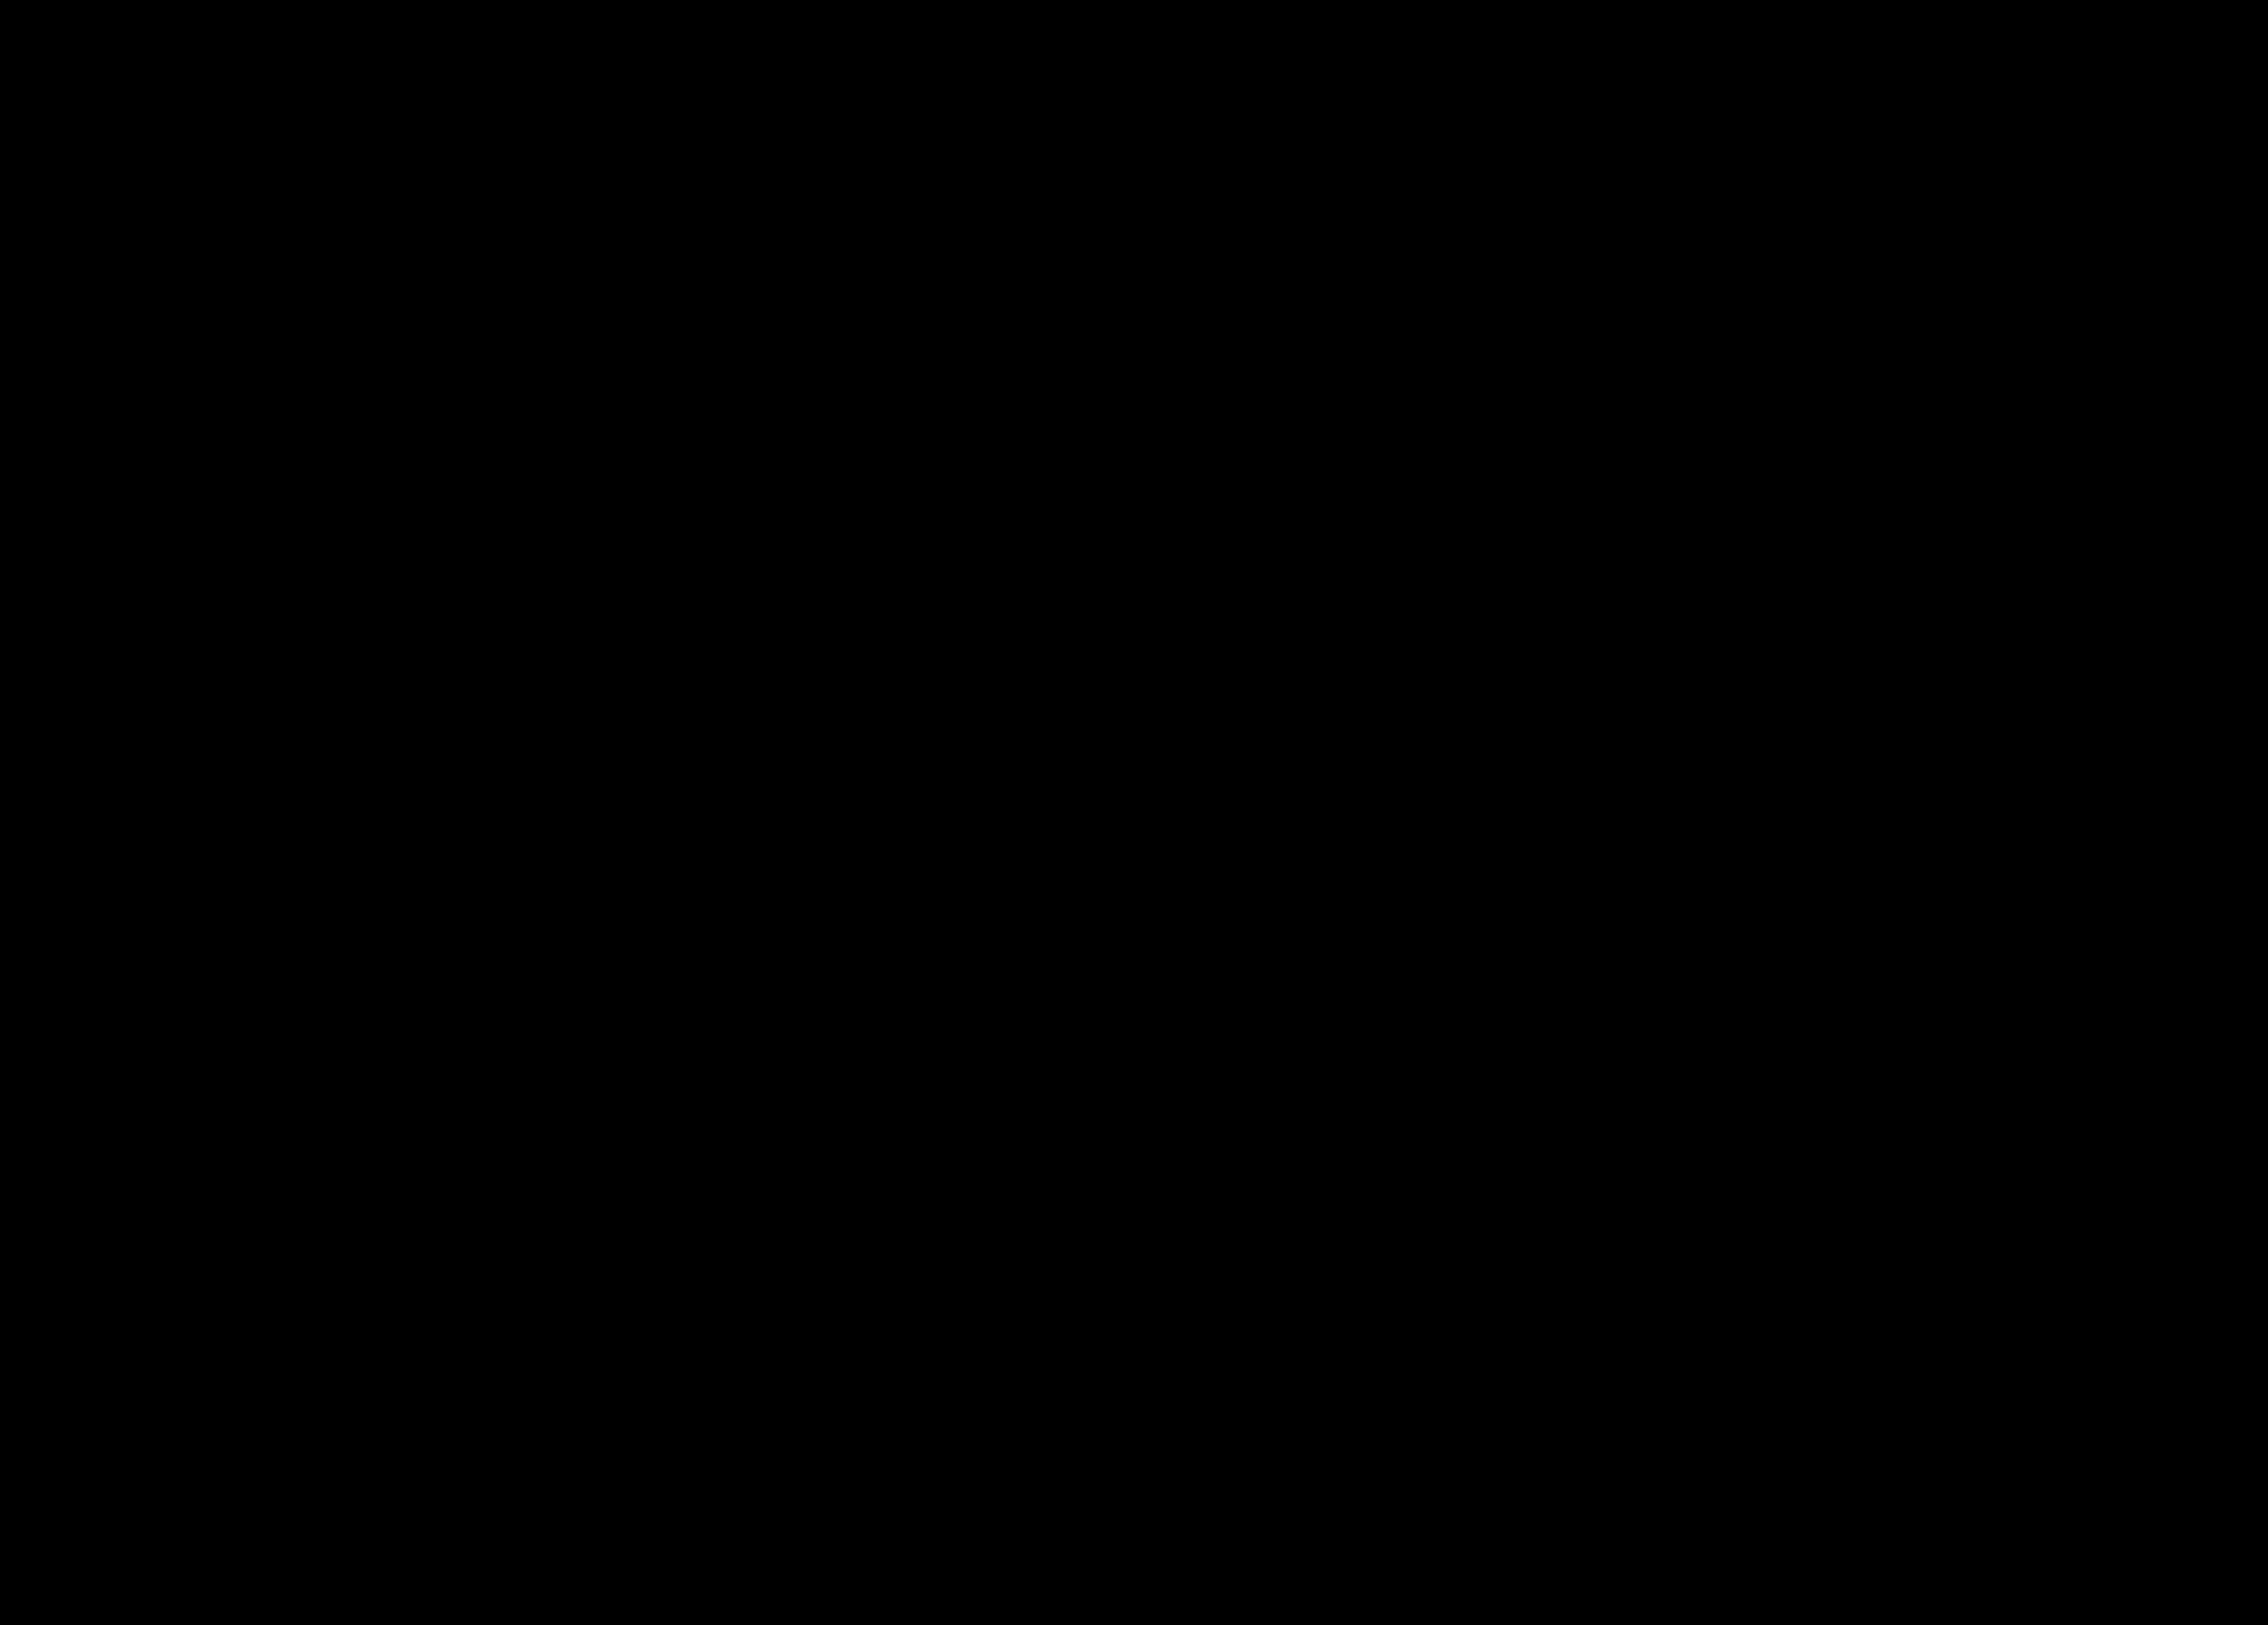 2018-08-08-senac-encerramento-curso-de-maquiagem-149